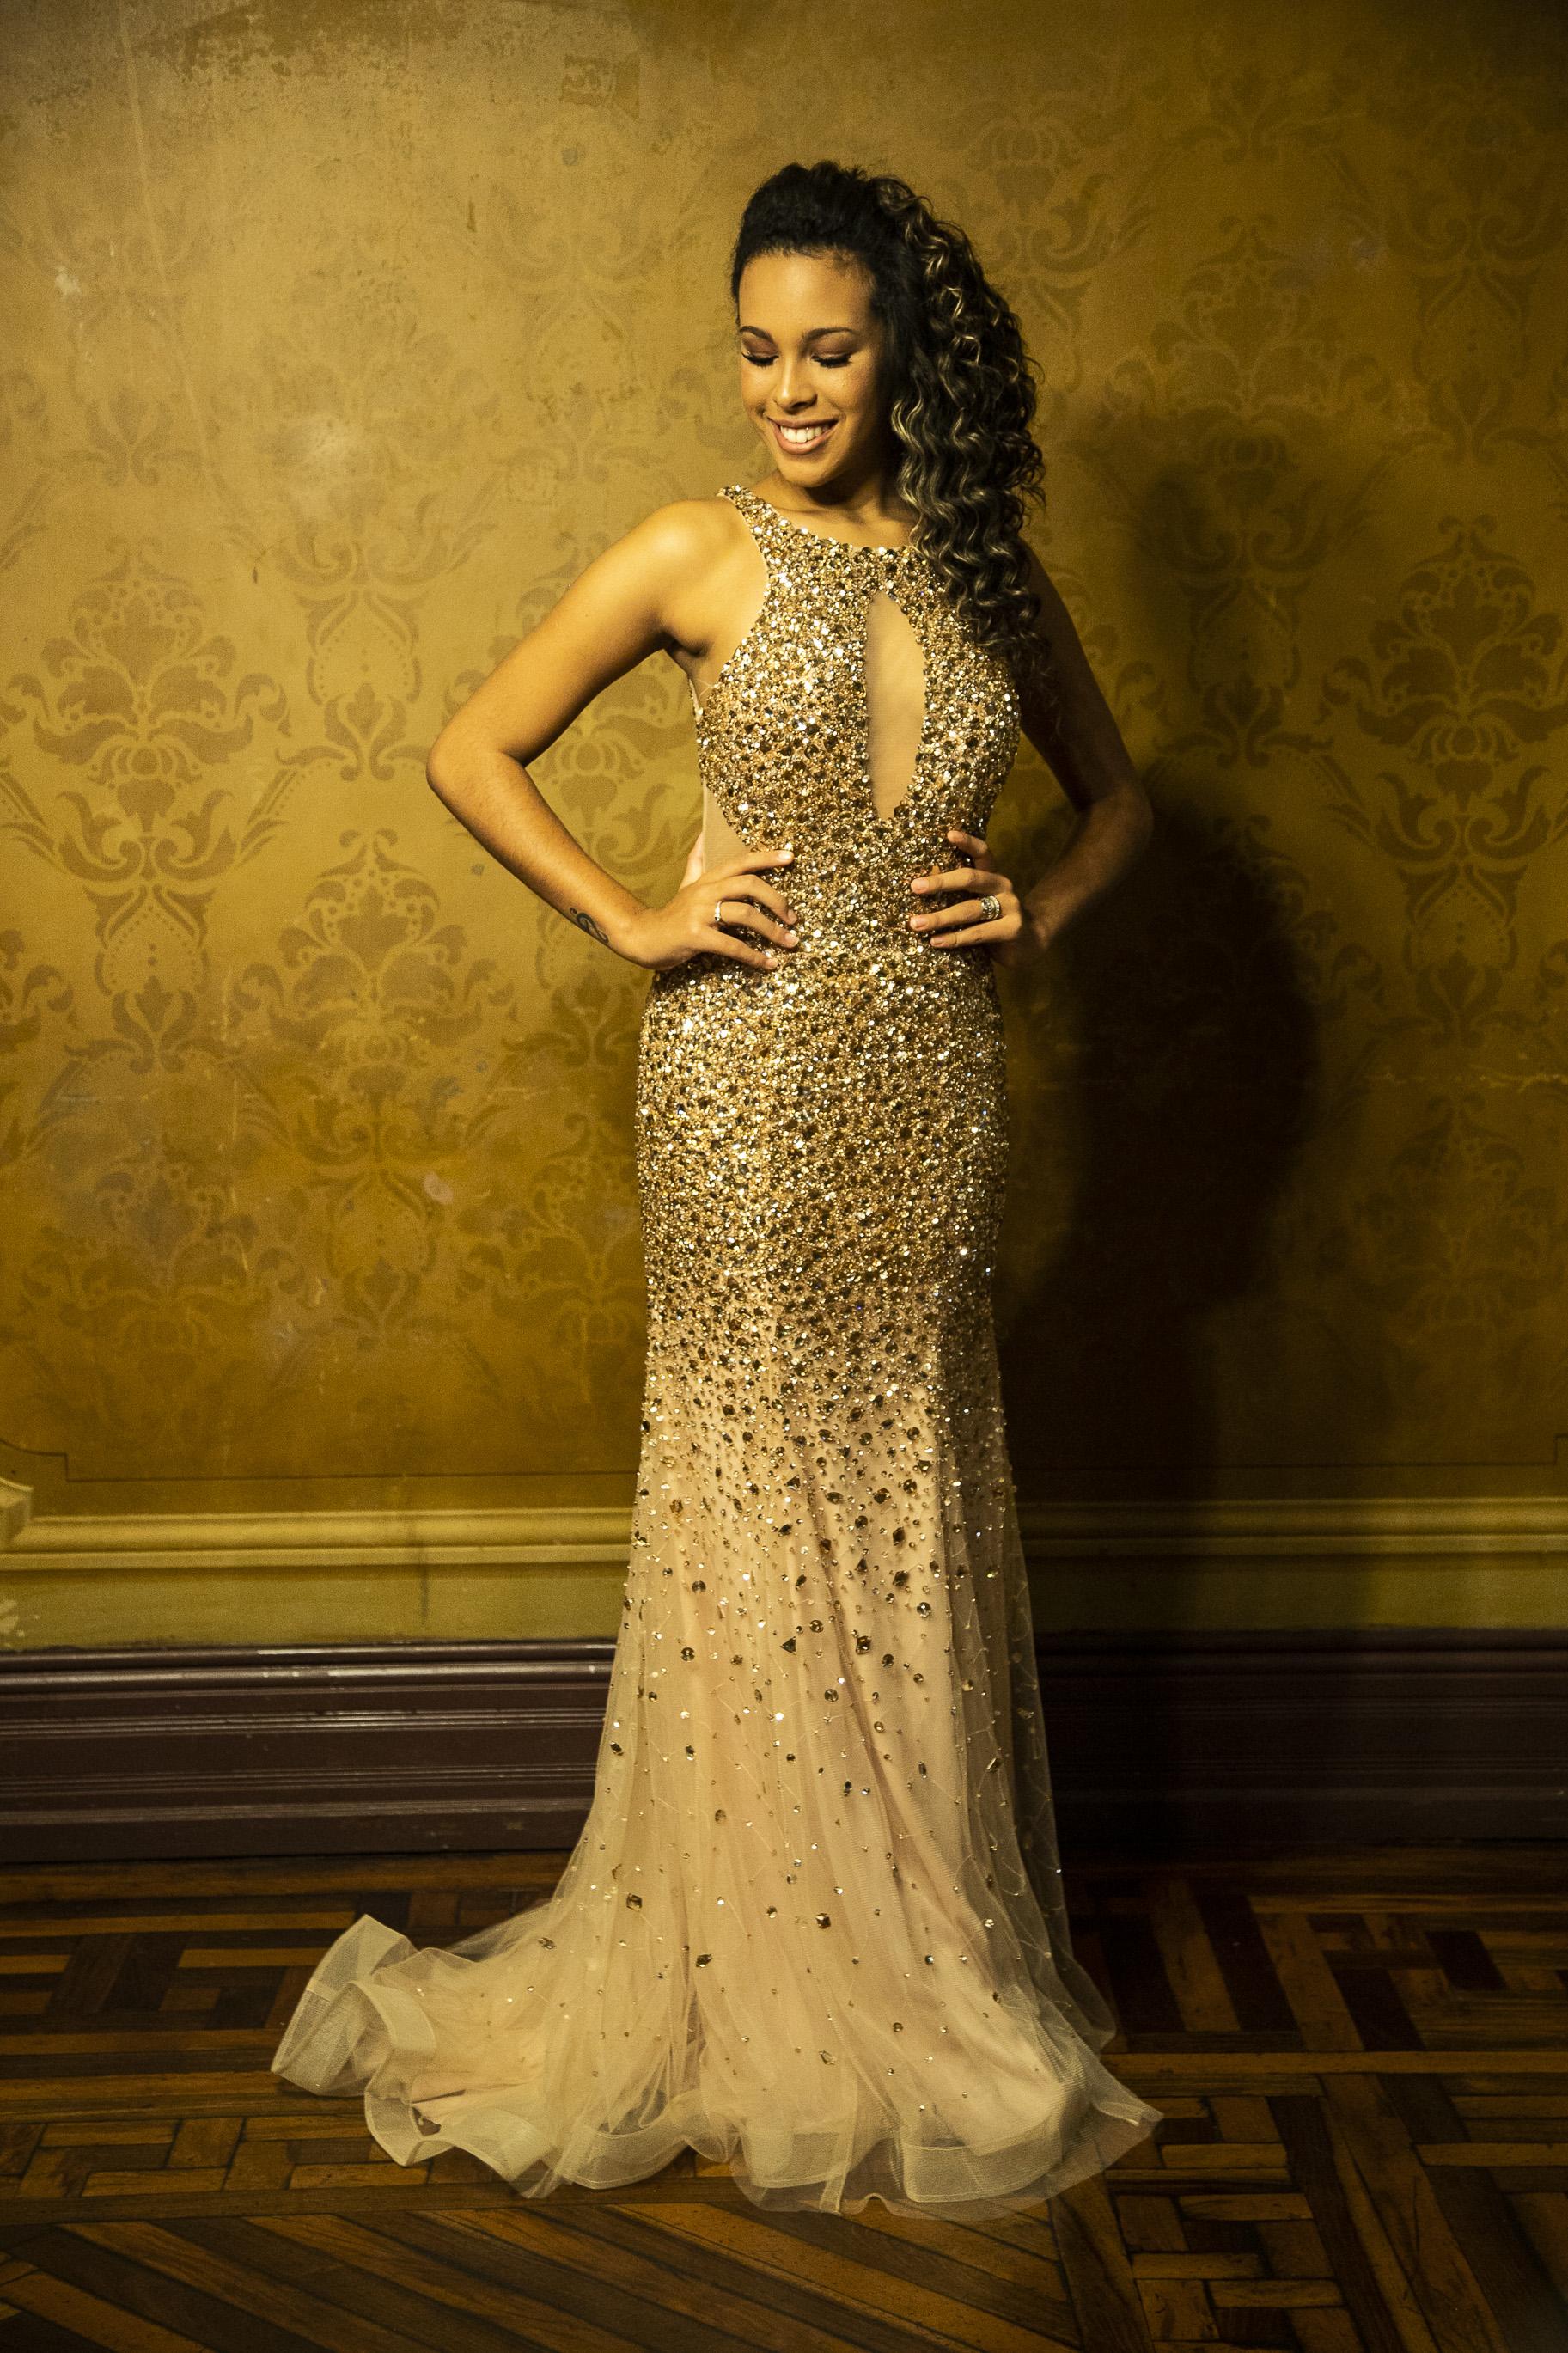 64 - Vestido sereia de tule dourado com pedrarias